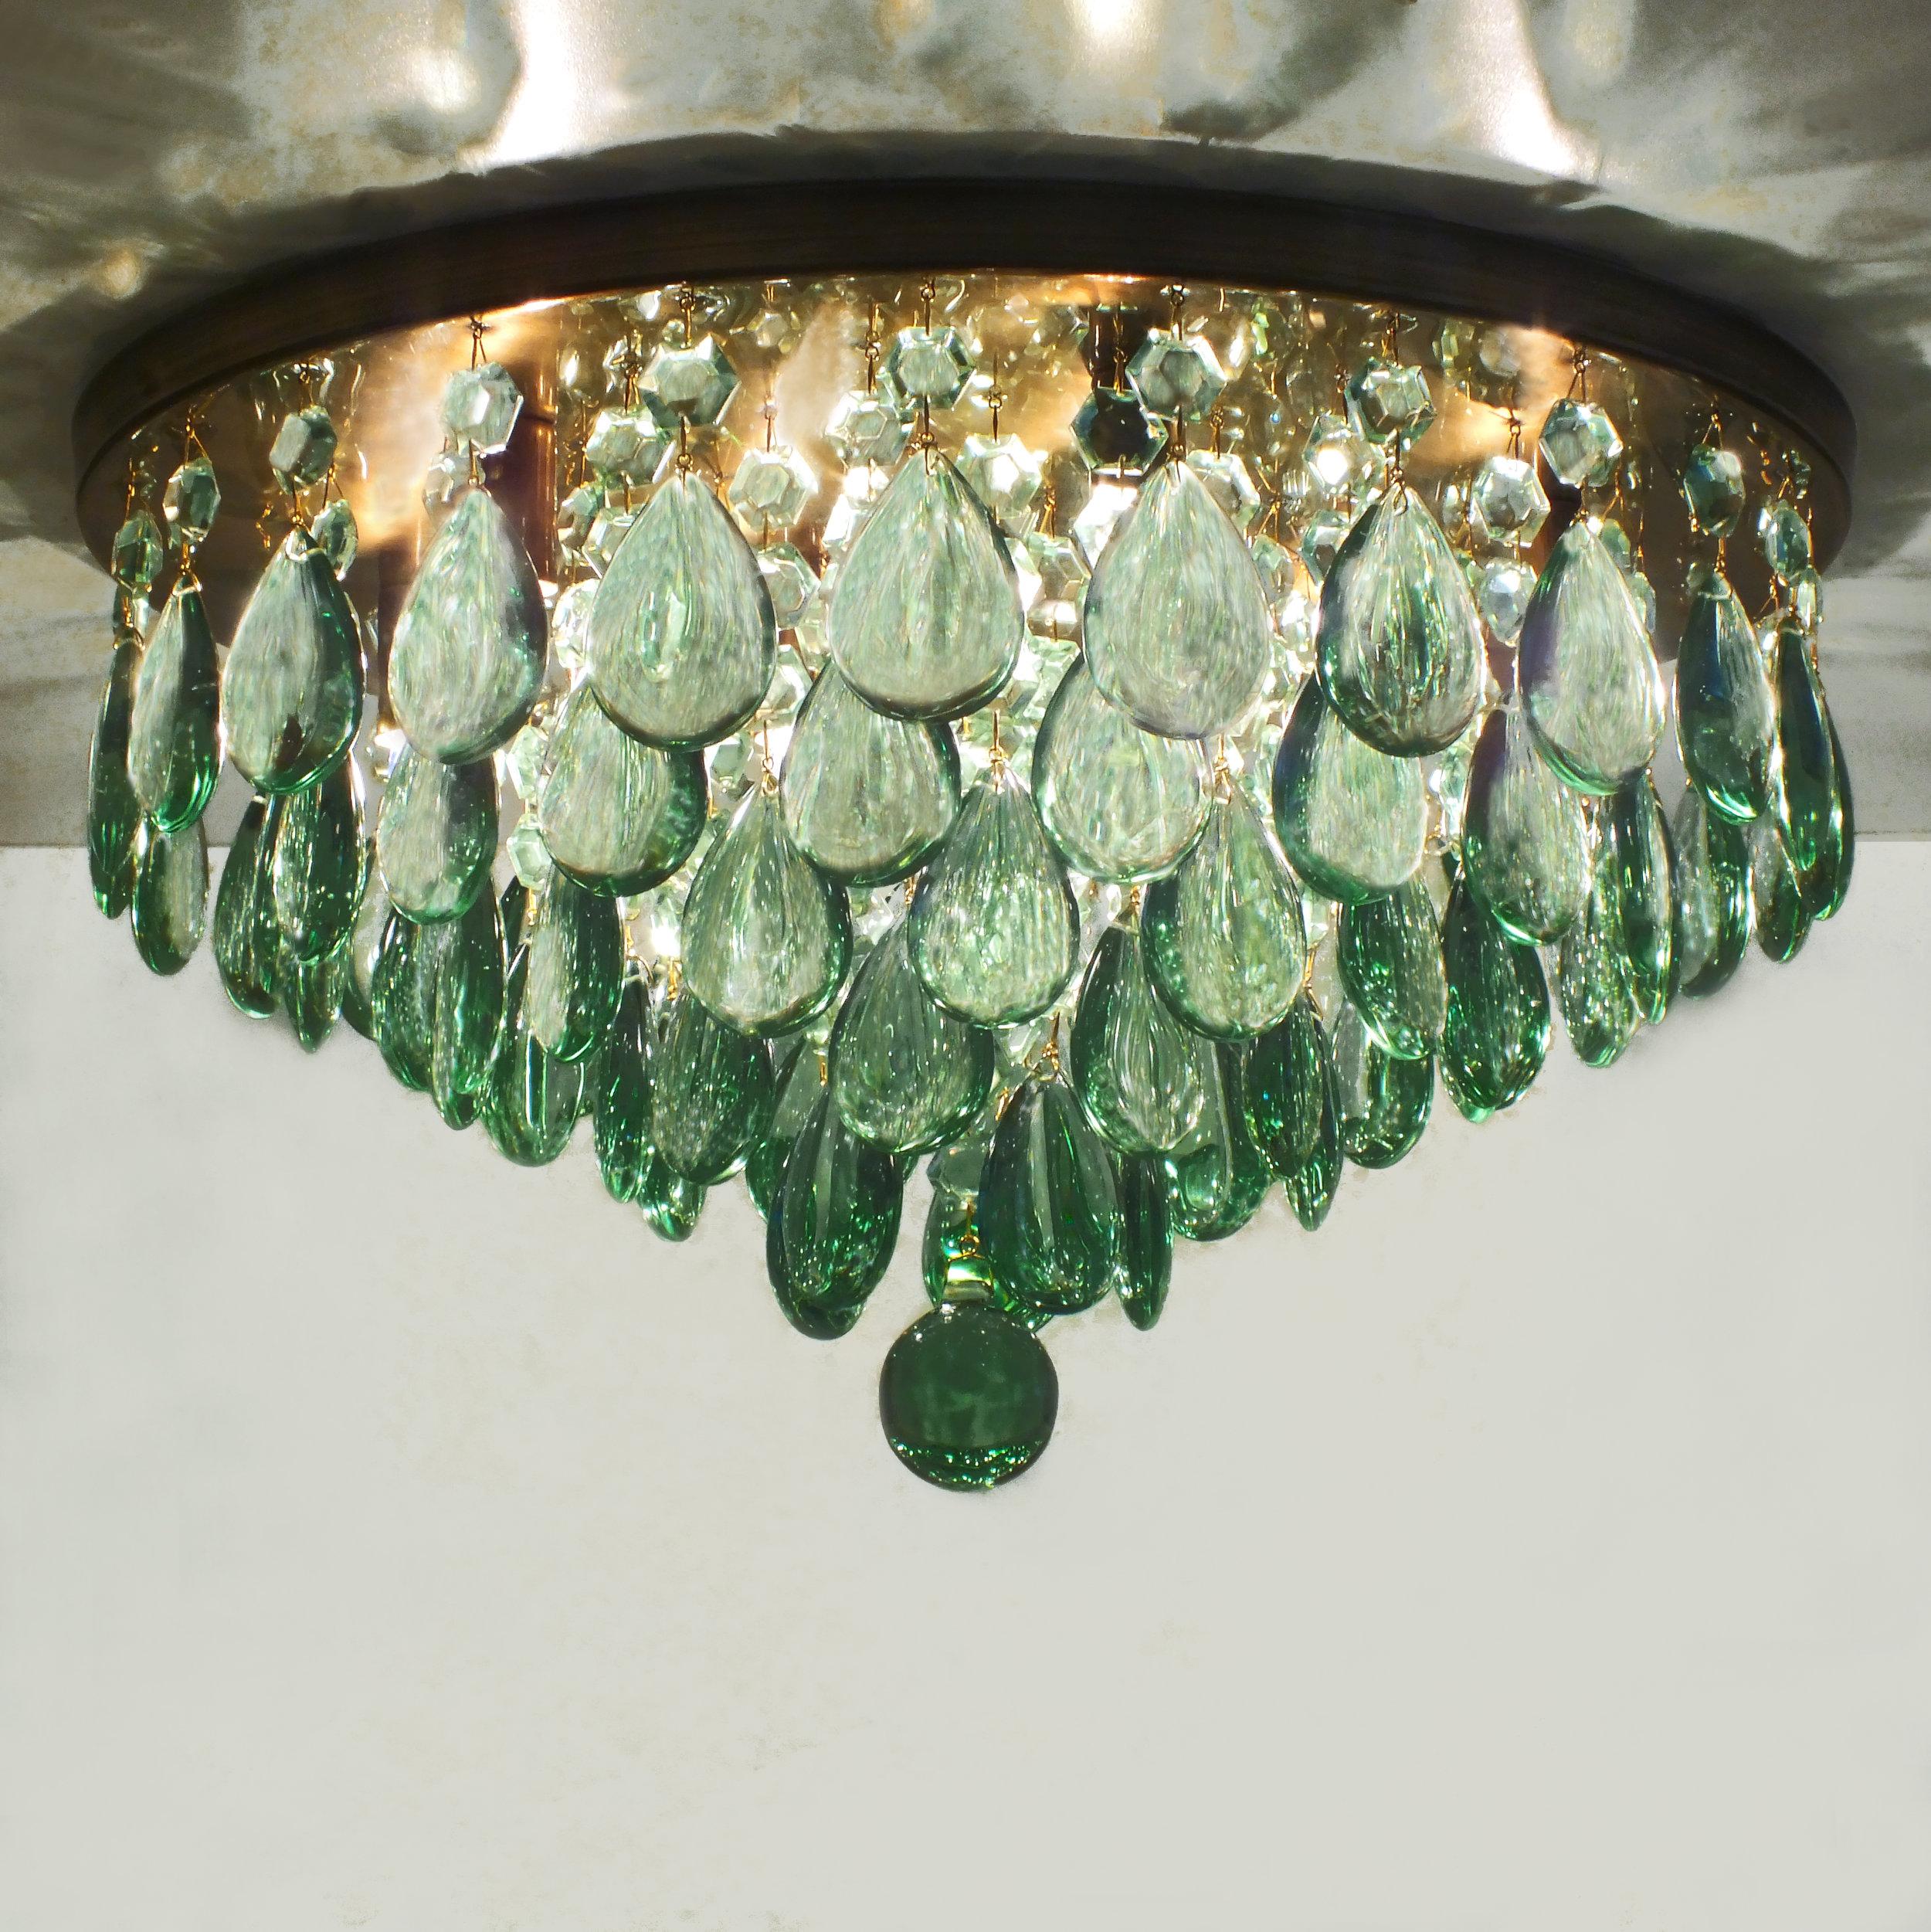 Plafon Parma Obsidiana Verde em latão com acabamento envelhecido brilho, com 45cm de diâmetro.